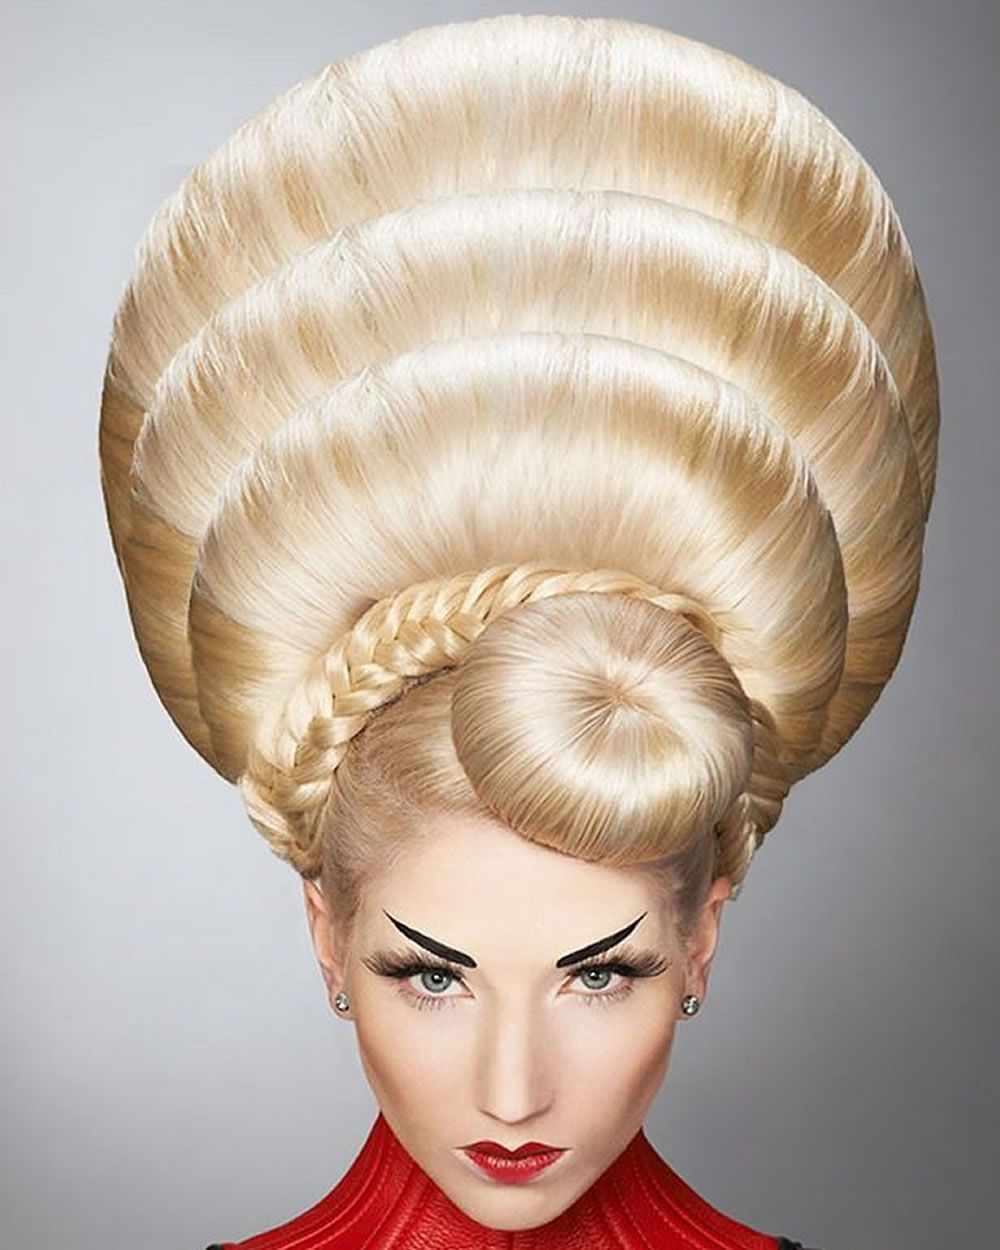 Crazy Hairstyles Prepossessing 2018 Extrême Coiffures Et Coupes De Cheveux Pour Femmes Fou  Coupe